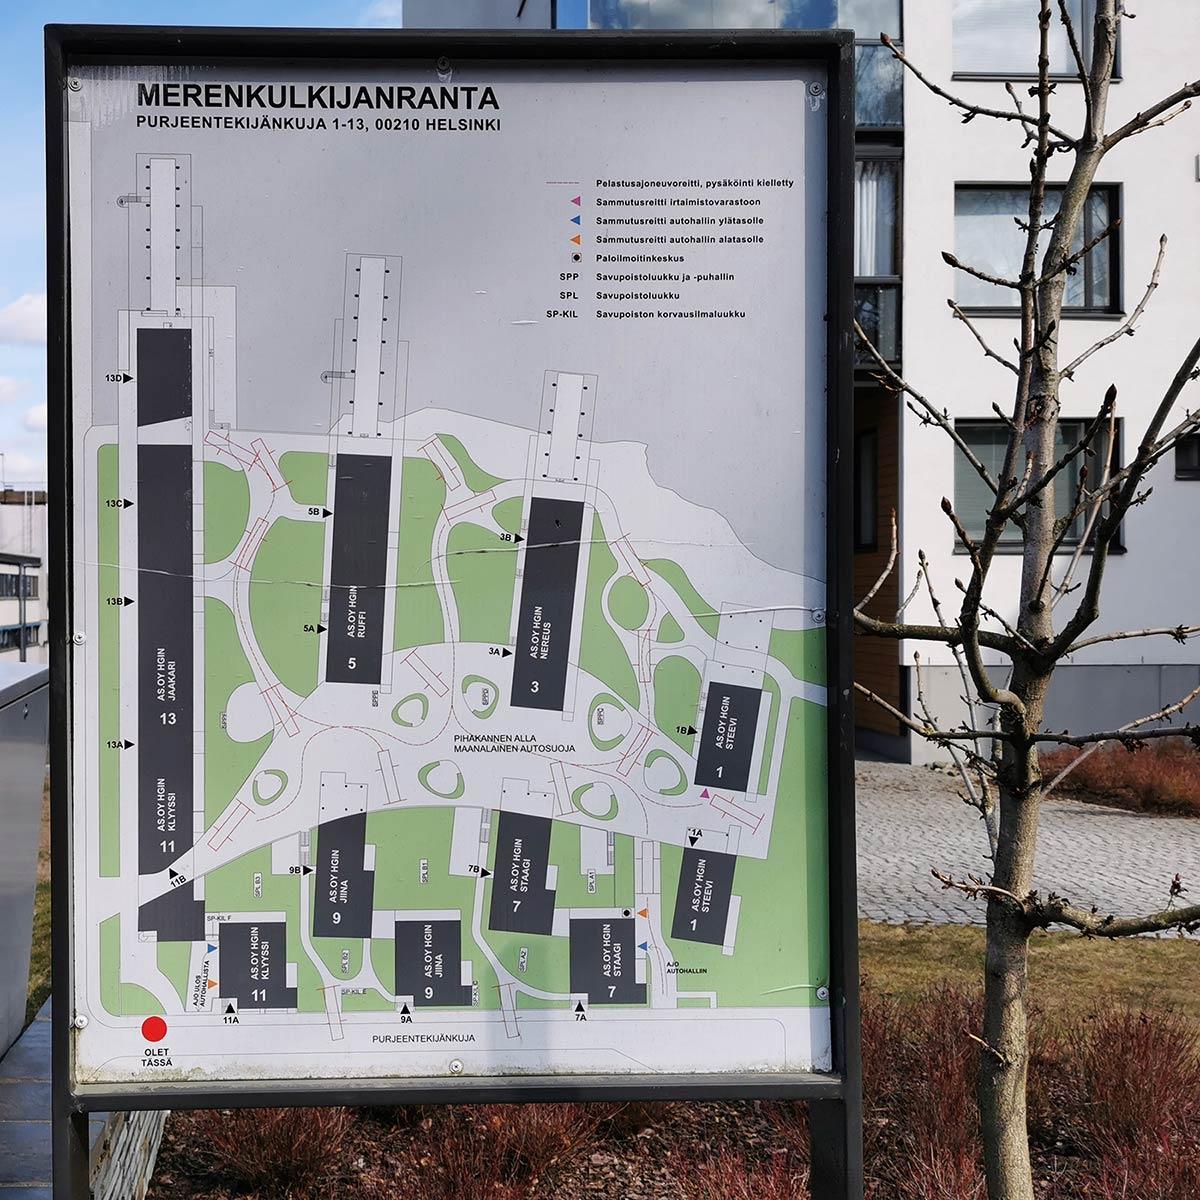 Merenkulkijanranta koostuu seitsemästä taloyhtiöstä sekä yhteisestä autohallista.